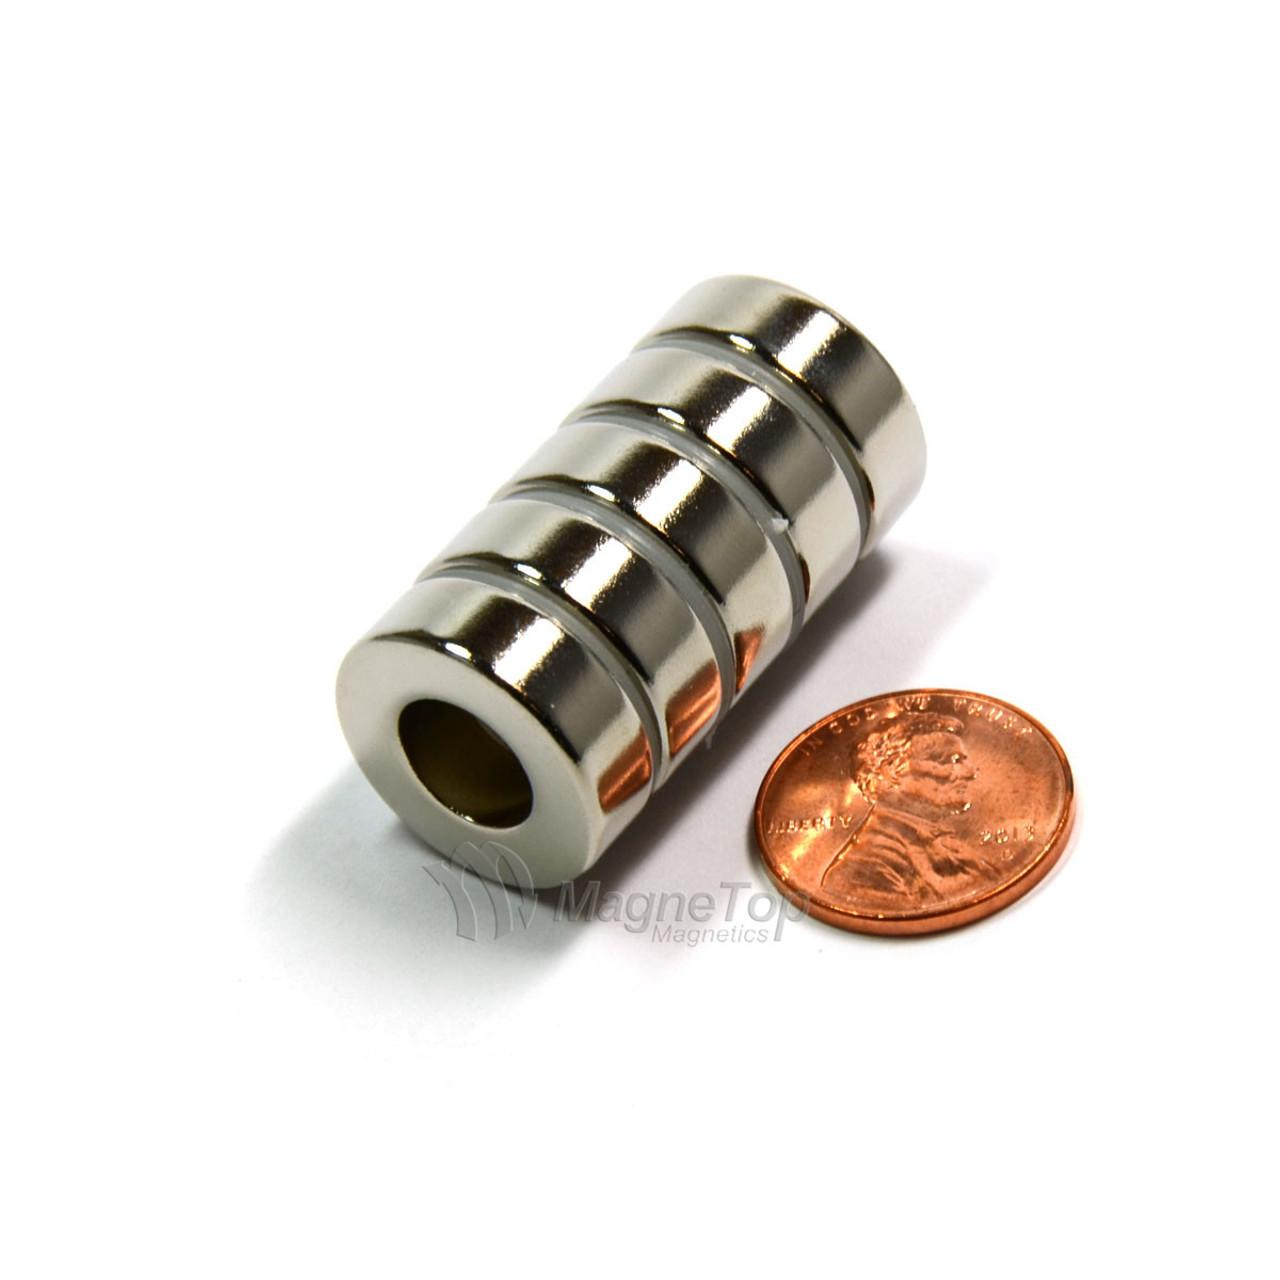 12mm (OD) x 10mm(ID) x 6mm - N45-Neodymium Ring